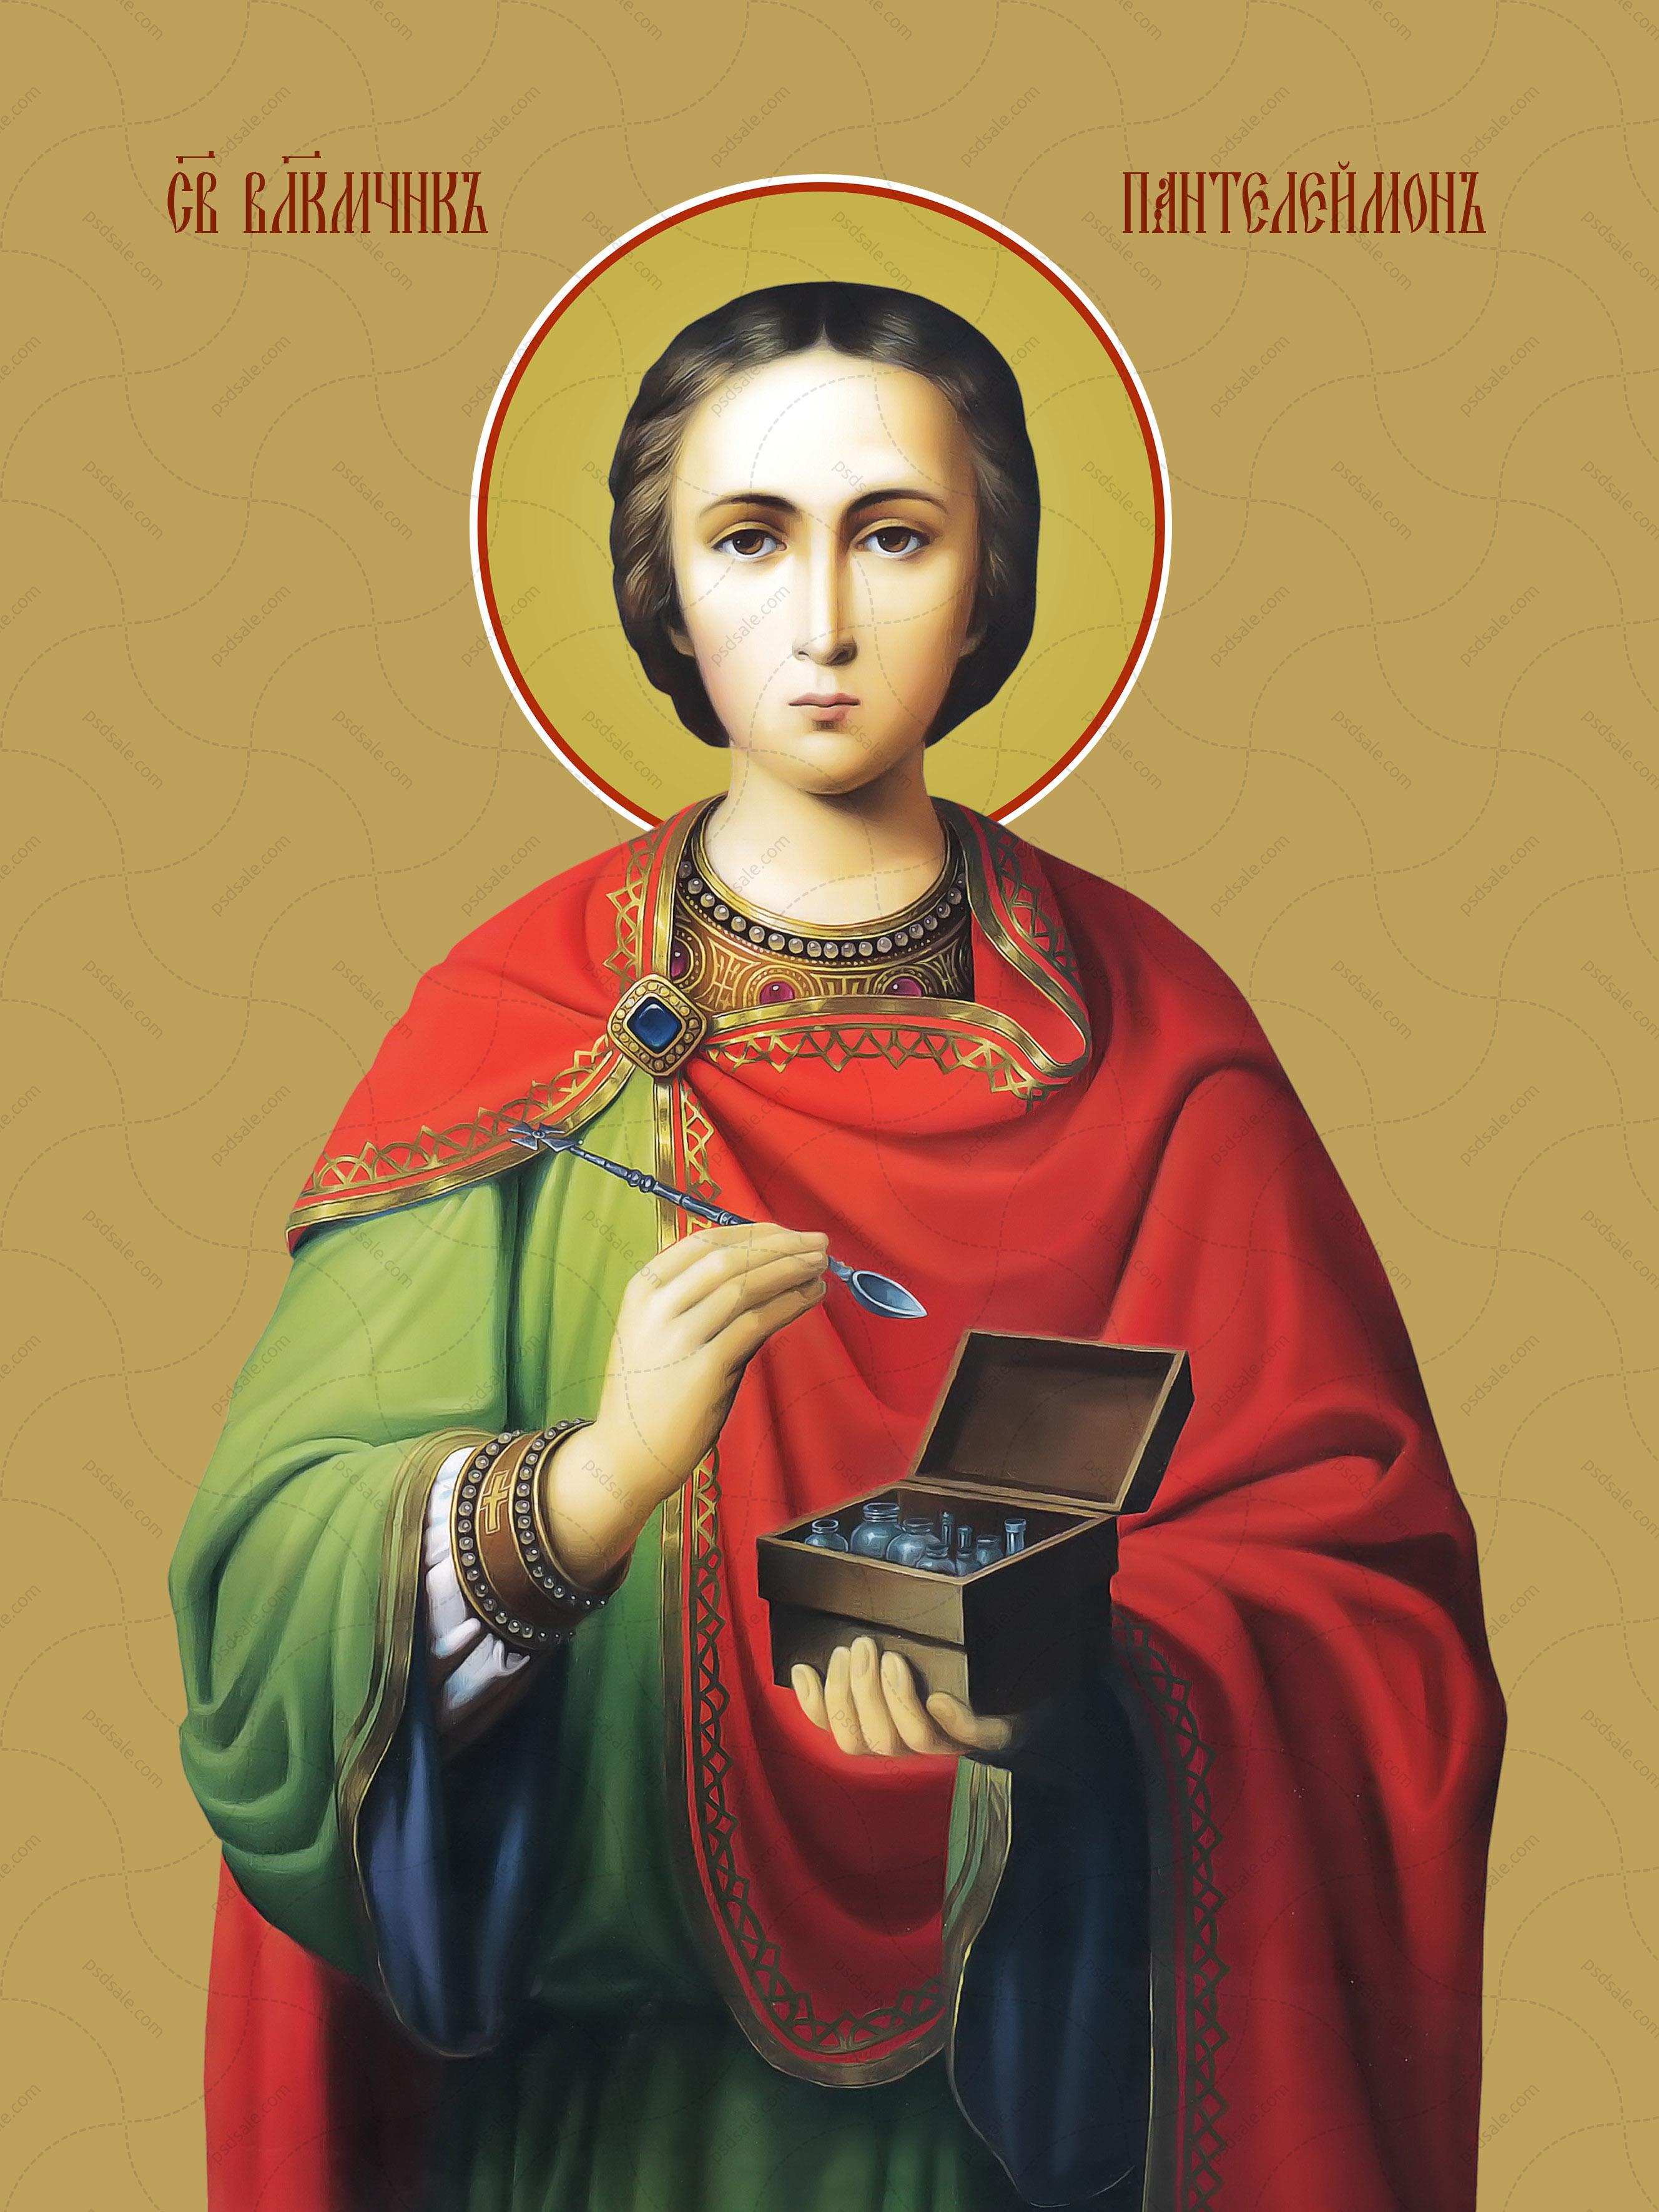 Пантелеймон, святой